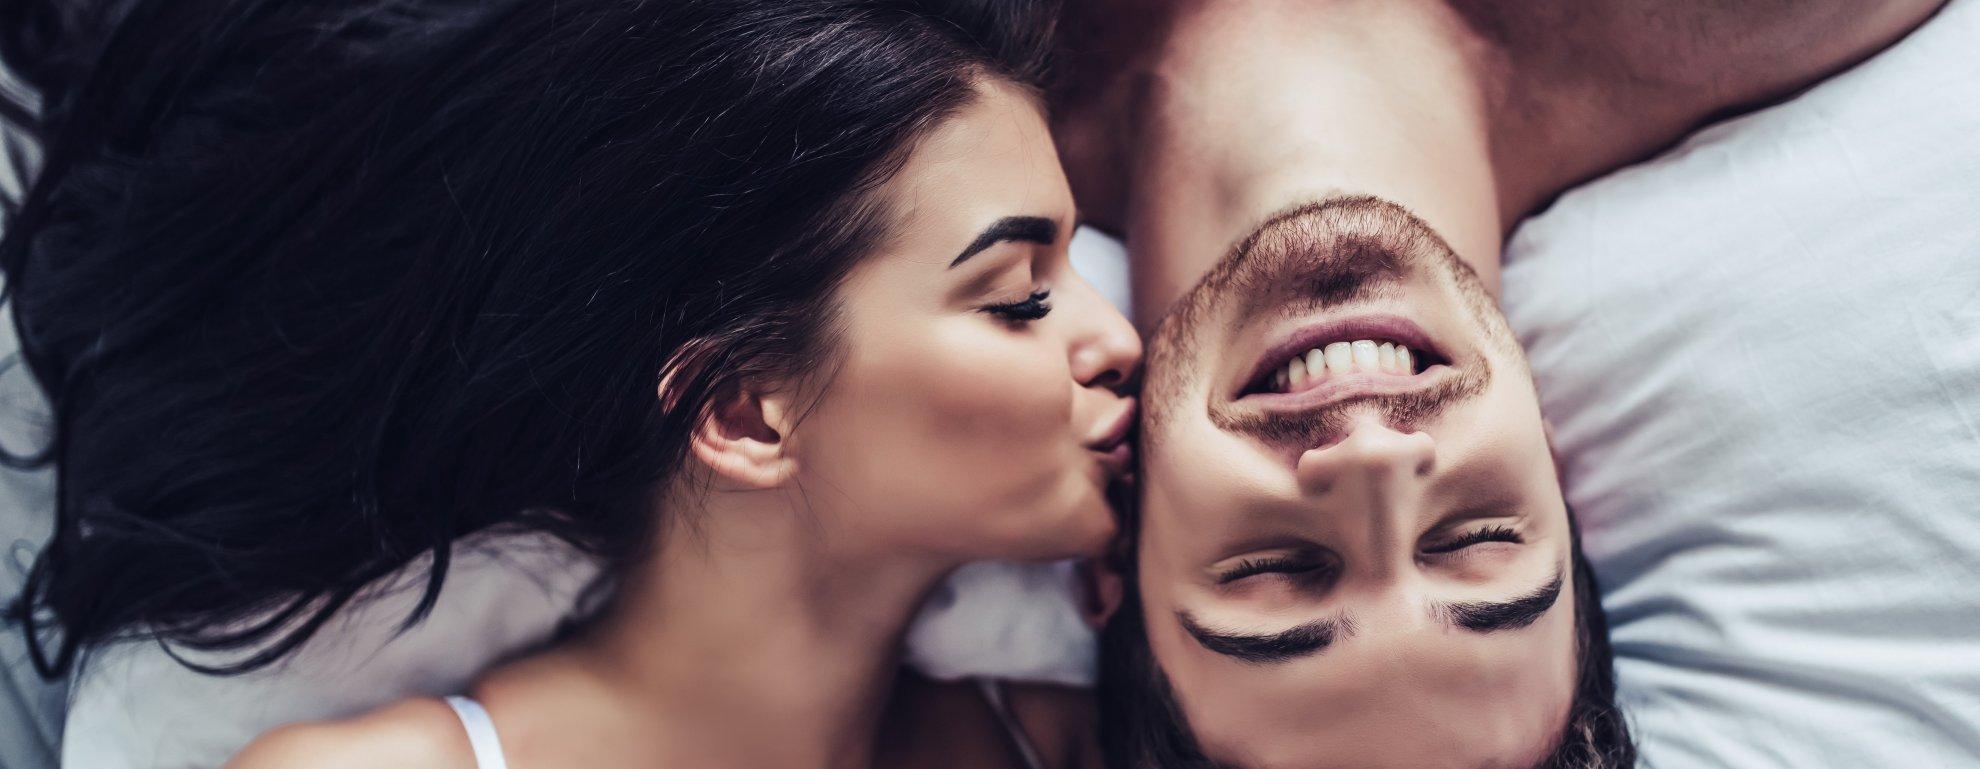 14 признаков, как узнать, что девушка тебя любит фото 2